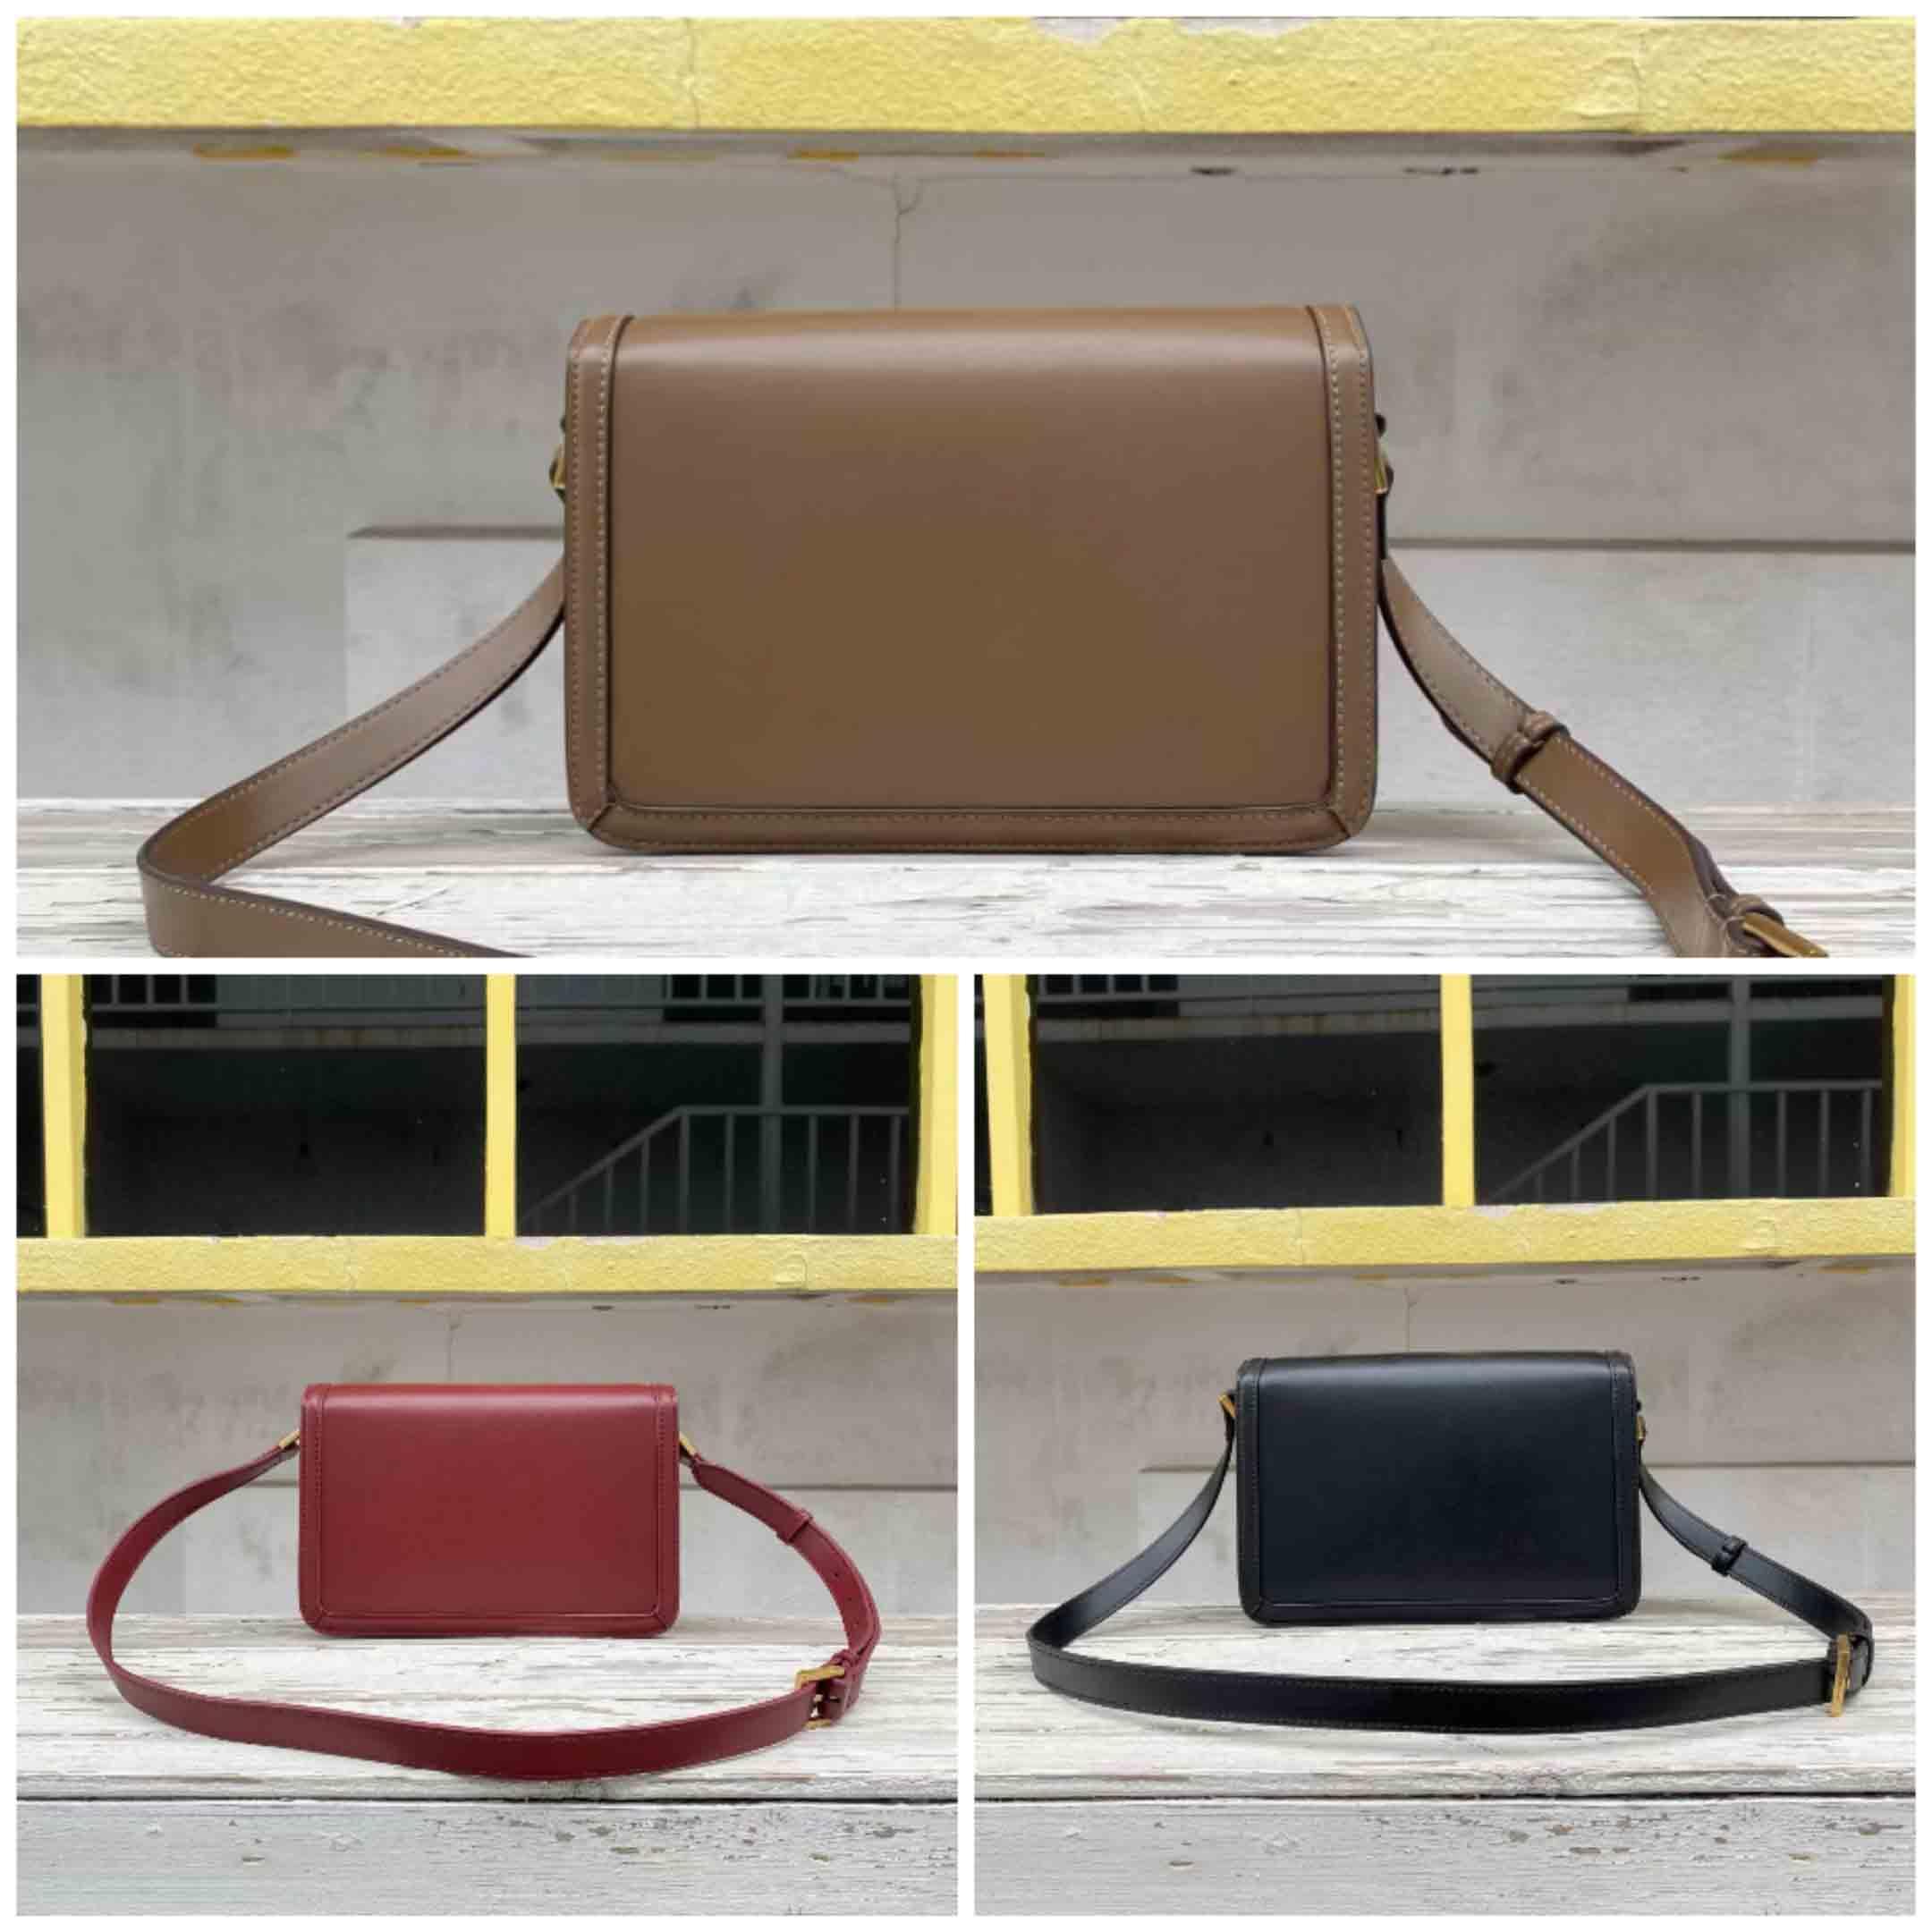 Der meistverkaufte Modedesigner Handtaschen Luxus Messenger Messenger Umhängetasche Leder Brieftasche Reisetasche Designer Umhängetasche